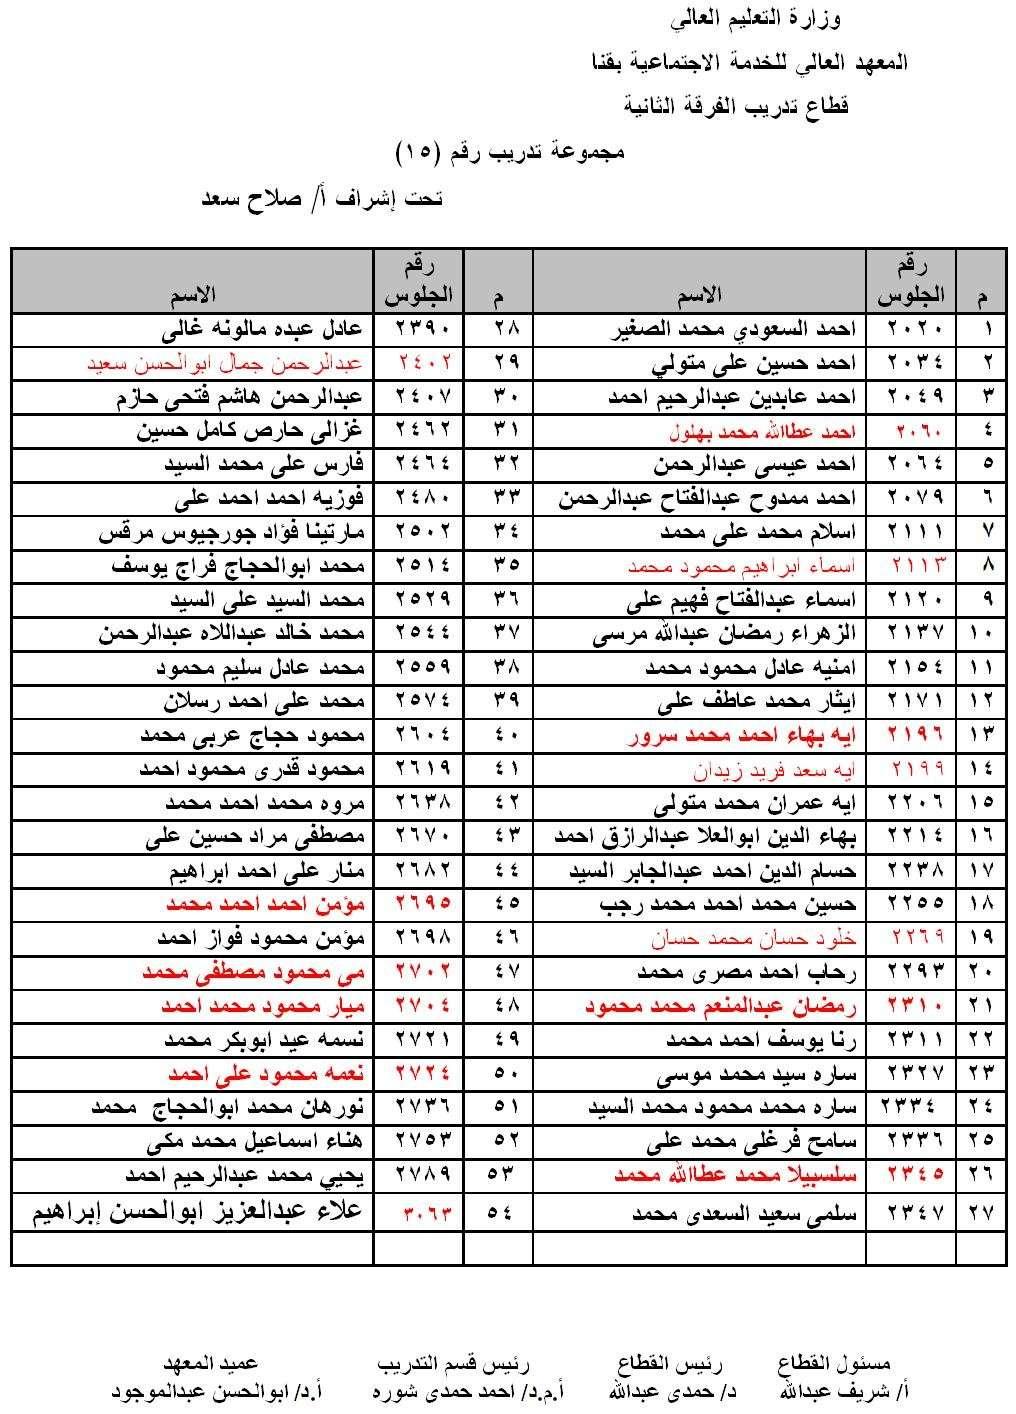 توزيع مجموعات تدريب الفرقة الثانية 2014 - 2015 1510